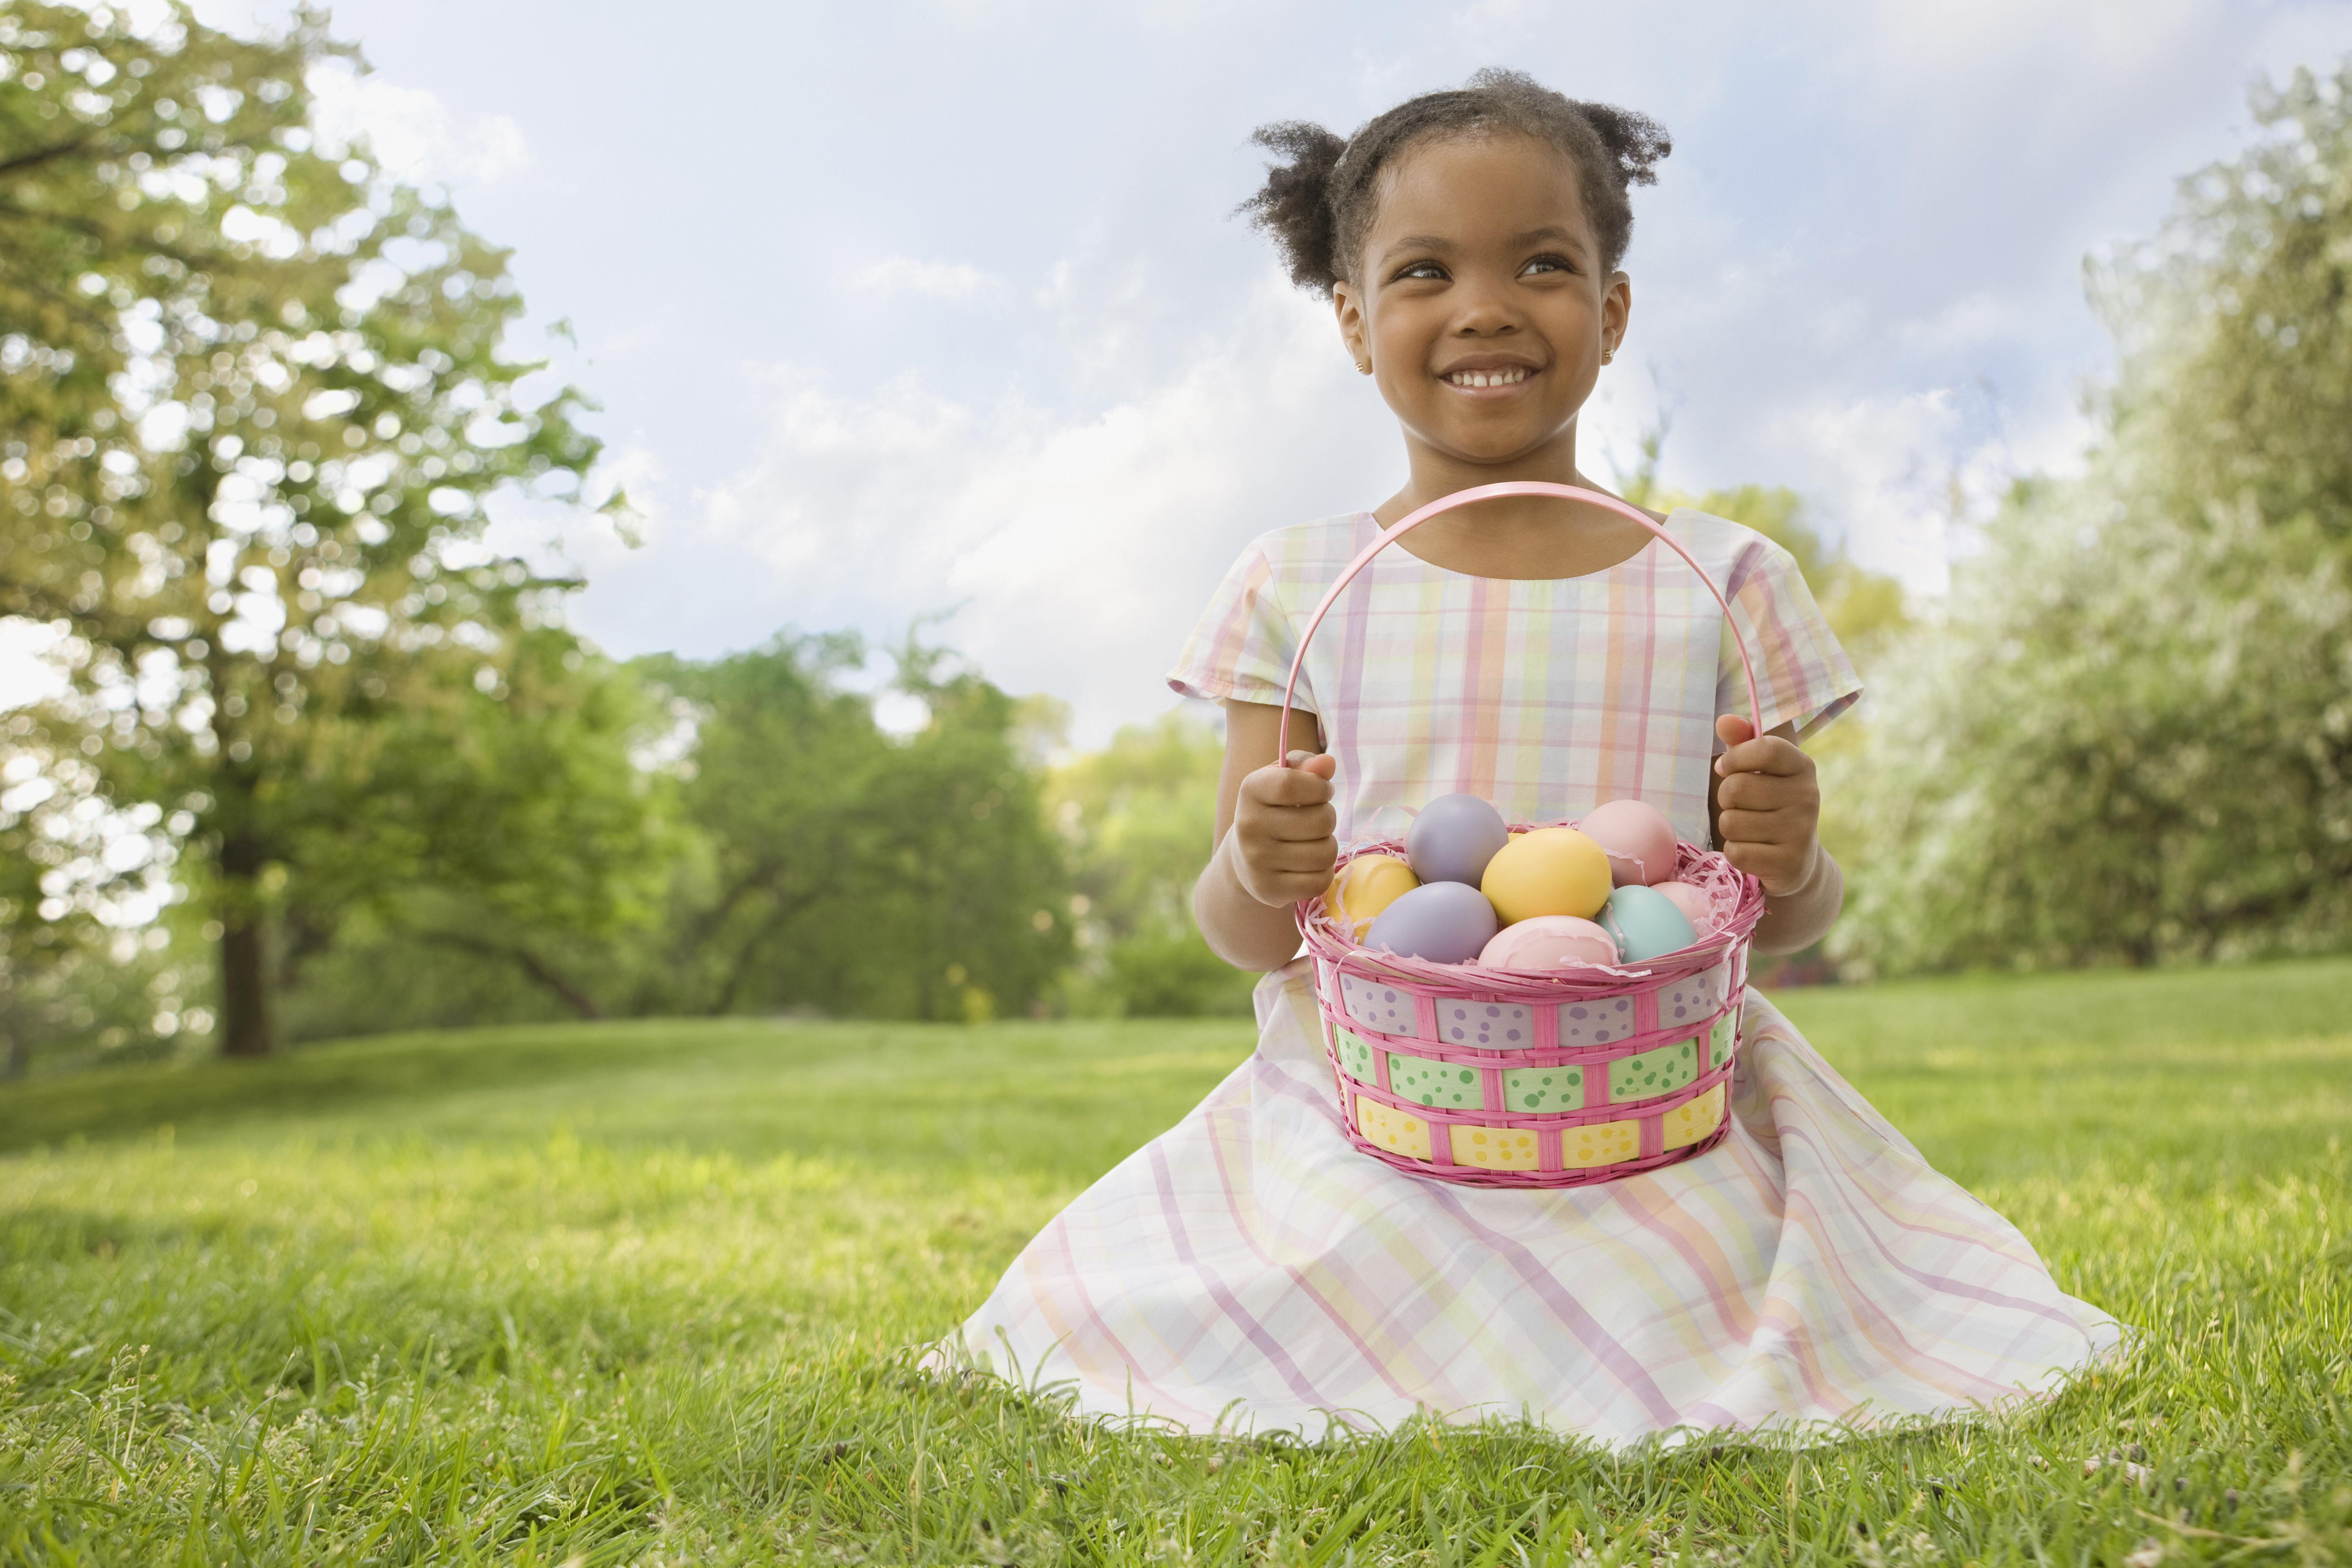 African girl holding Easter basket